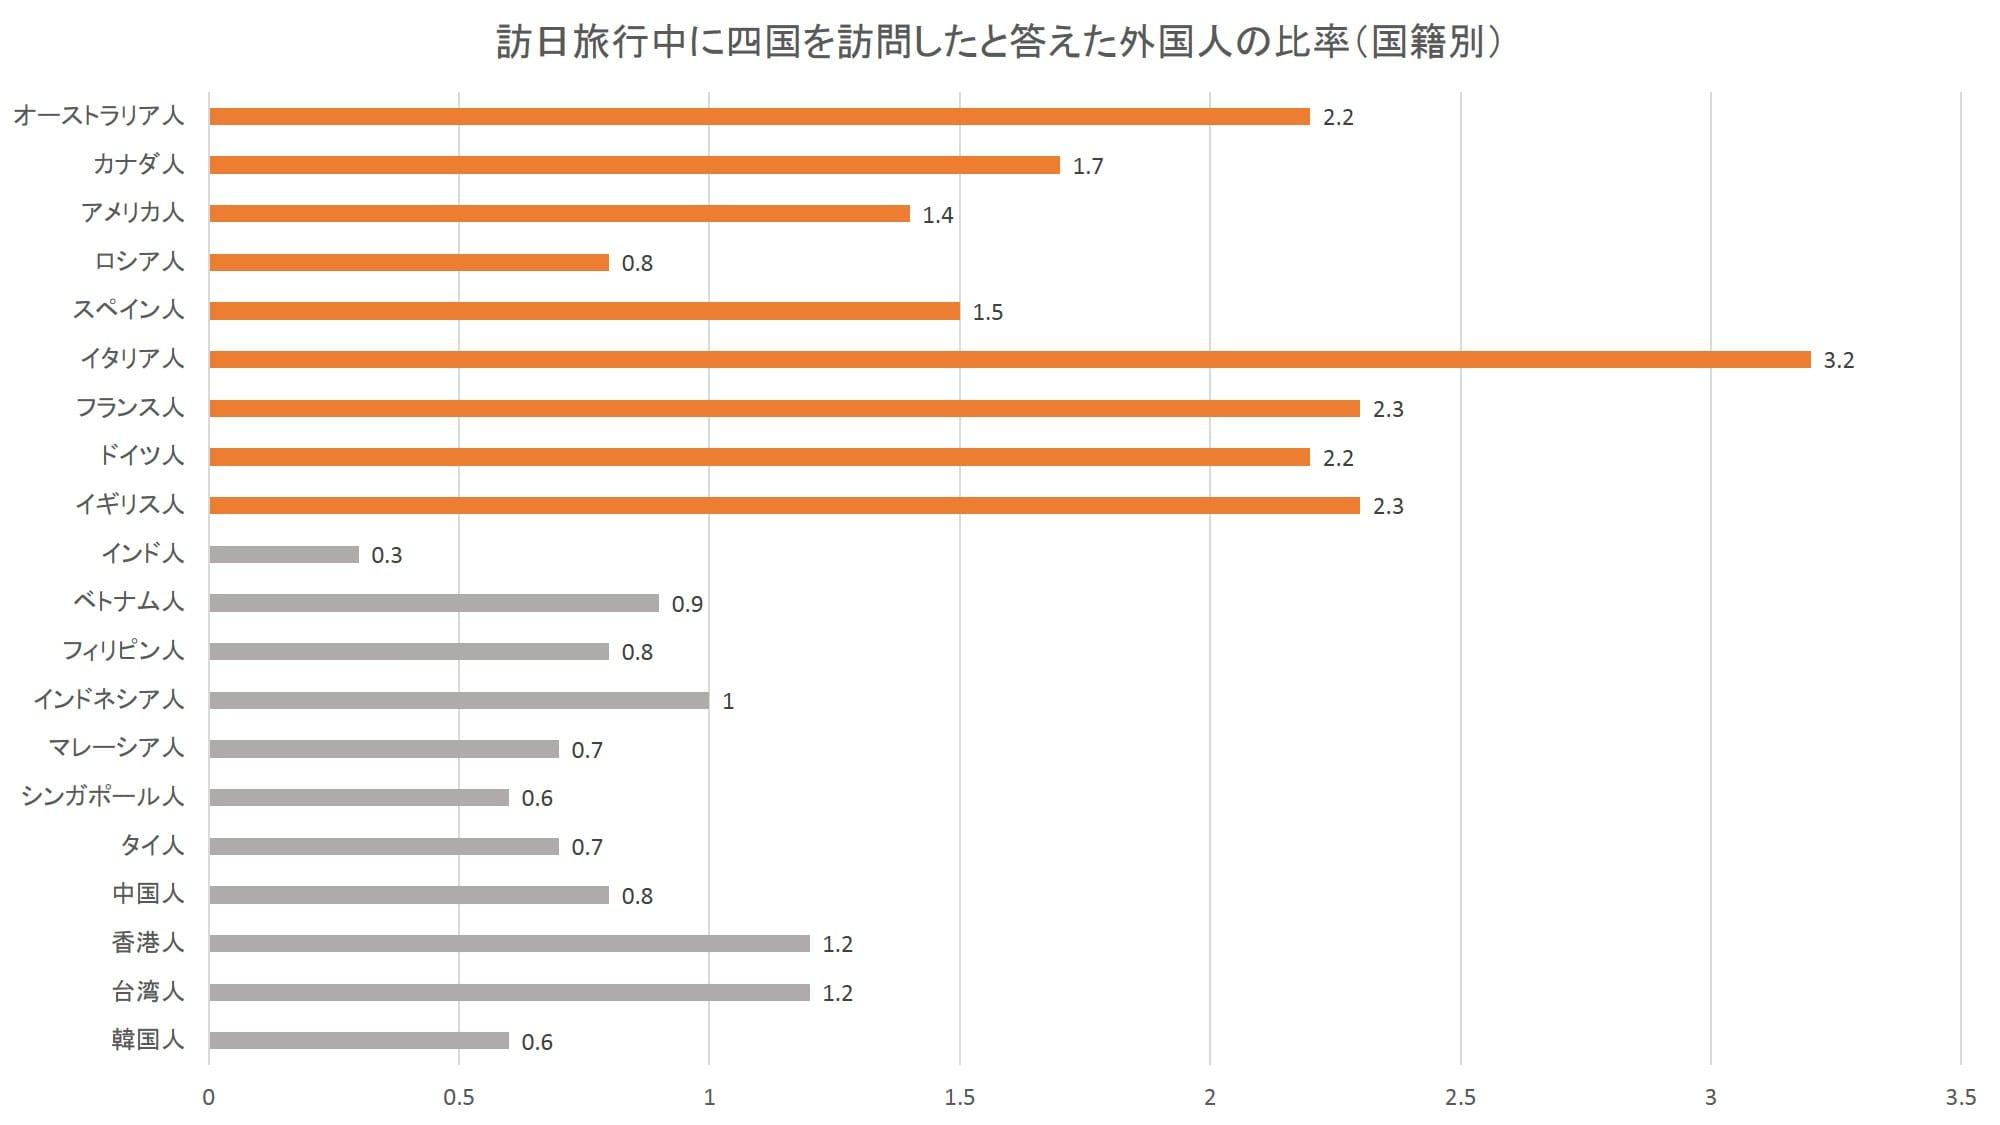 訪日旅行中に四国を訪問したと答えた外国人の比率(国籍別):日本政策投資銀行「四国のインバウンド観光動向-DBJ/JTBFアジア・欧米豪訪日外国人旅行者の意向調査(平成28年度版)結果等から-」より数値をグラフ化